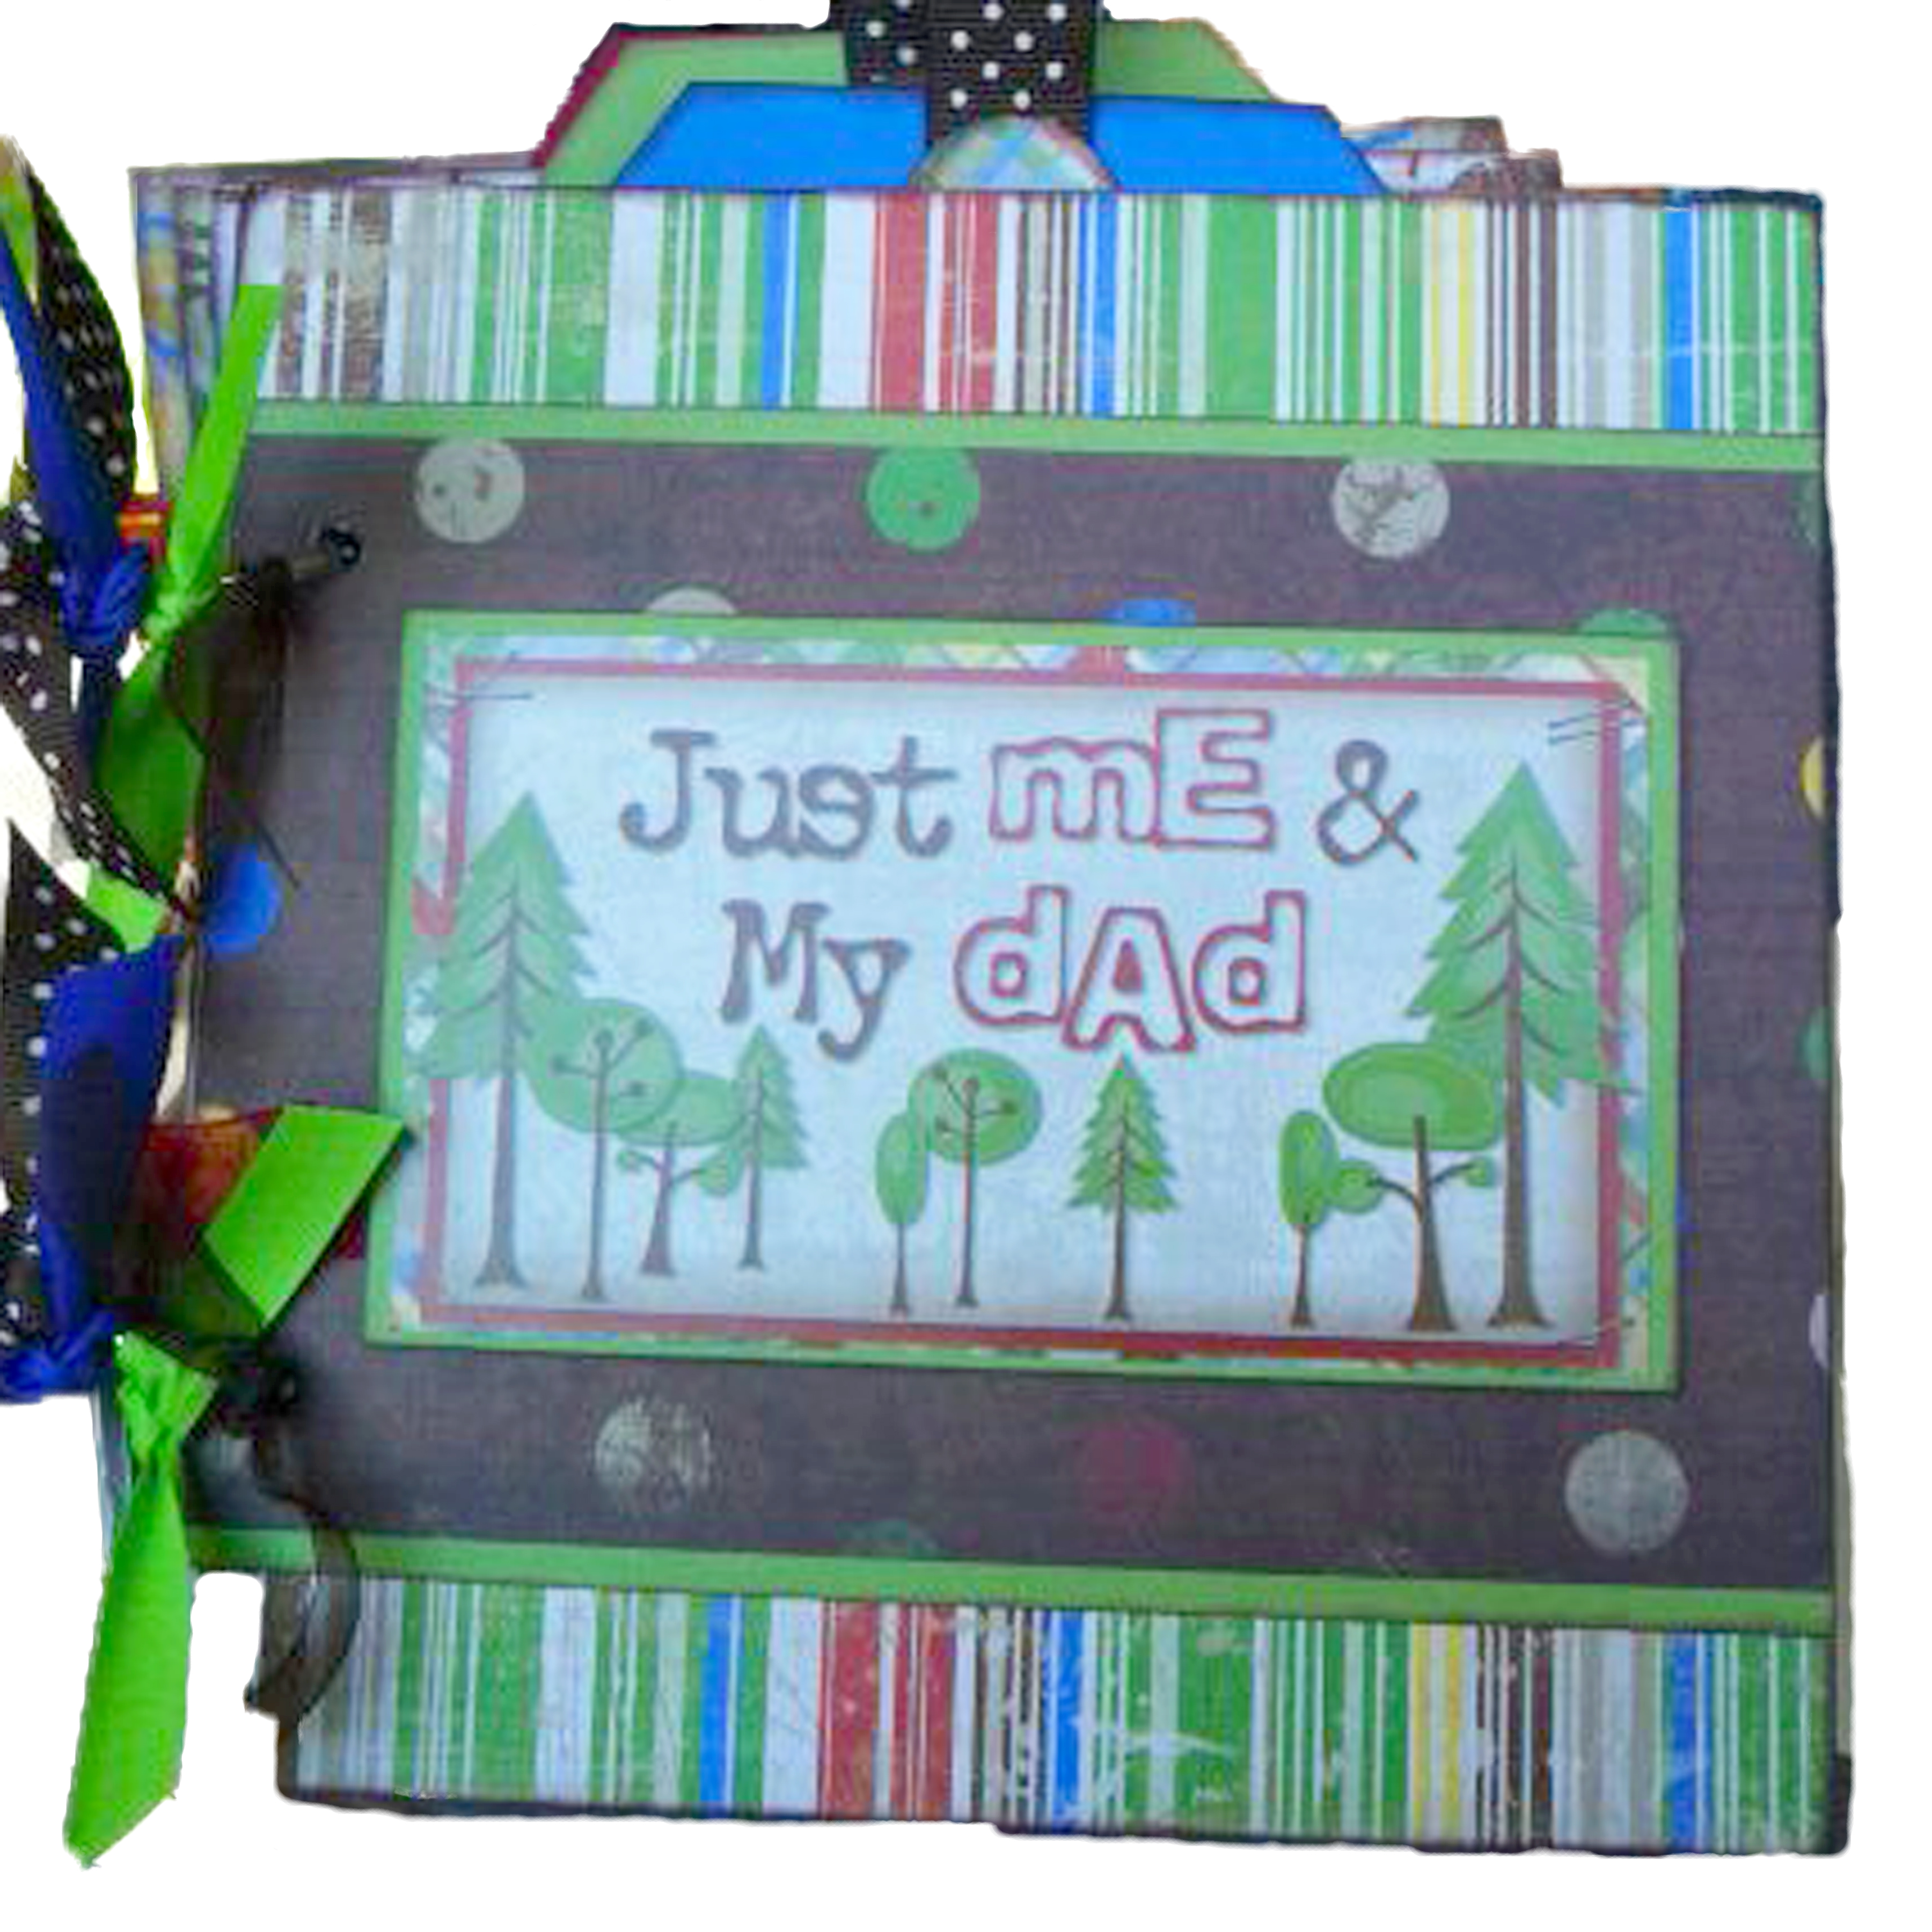 Just Me & My Dad Camping Mini Album